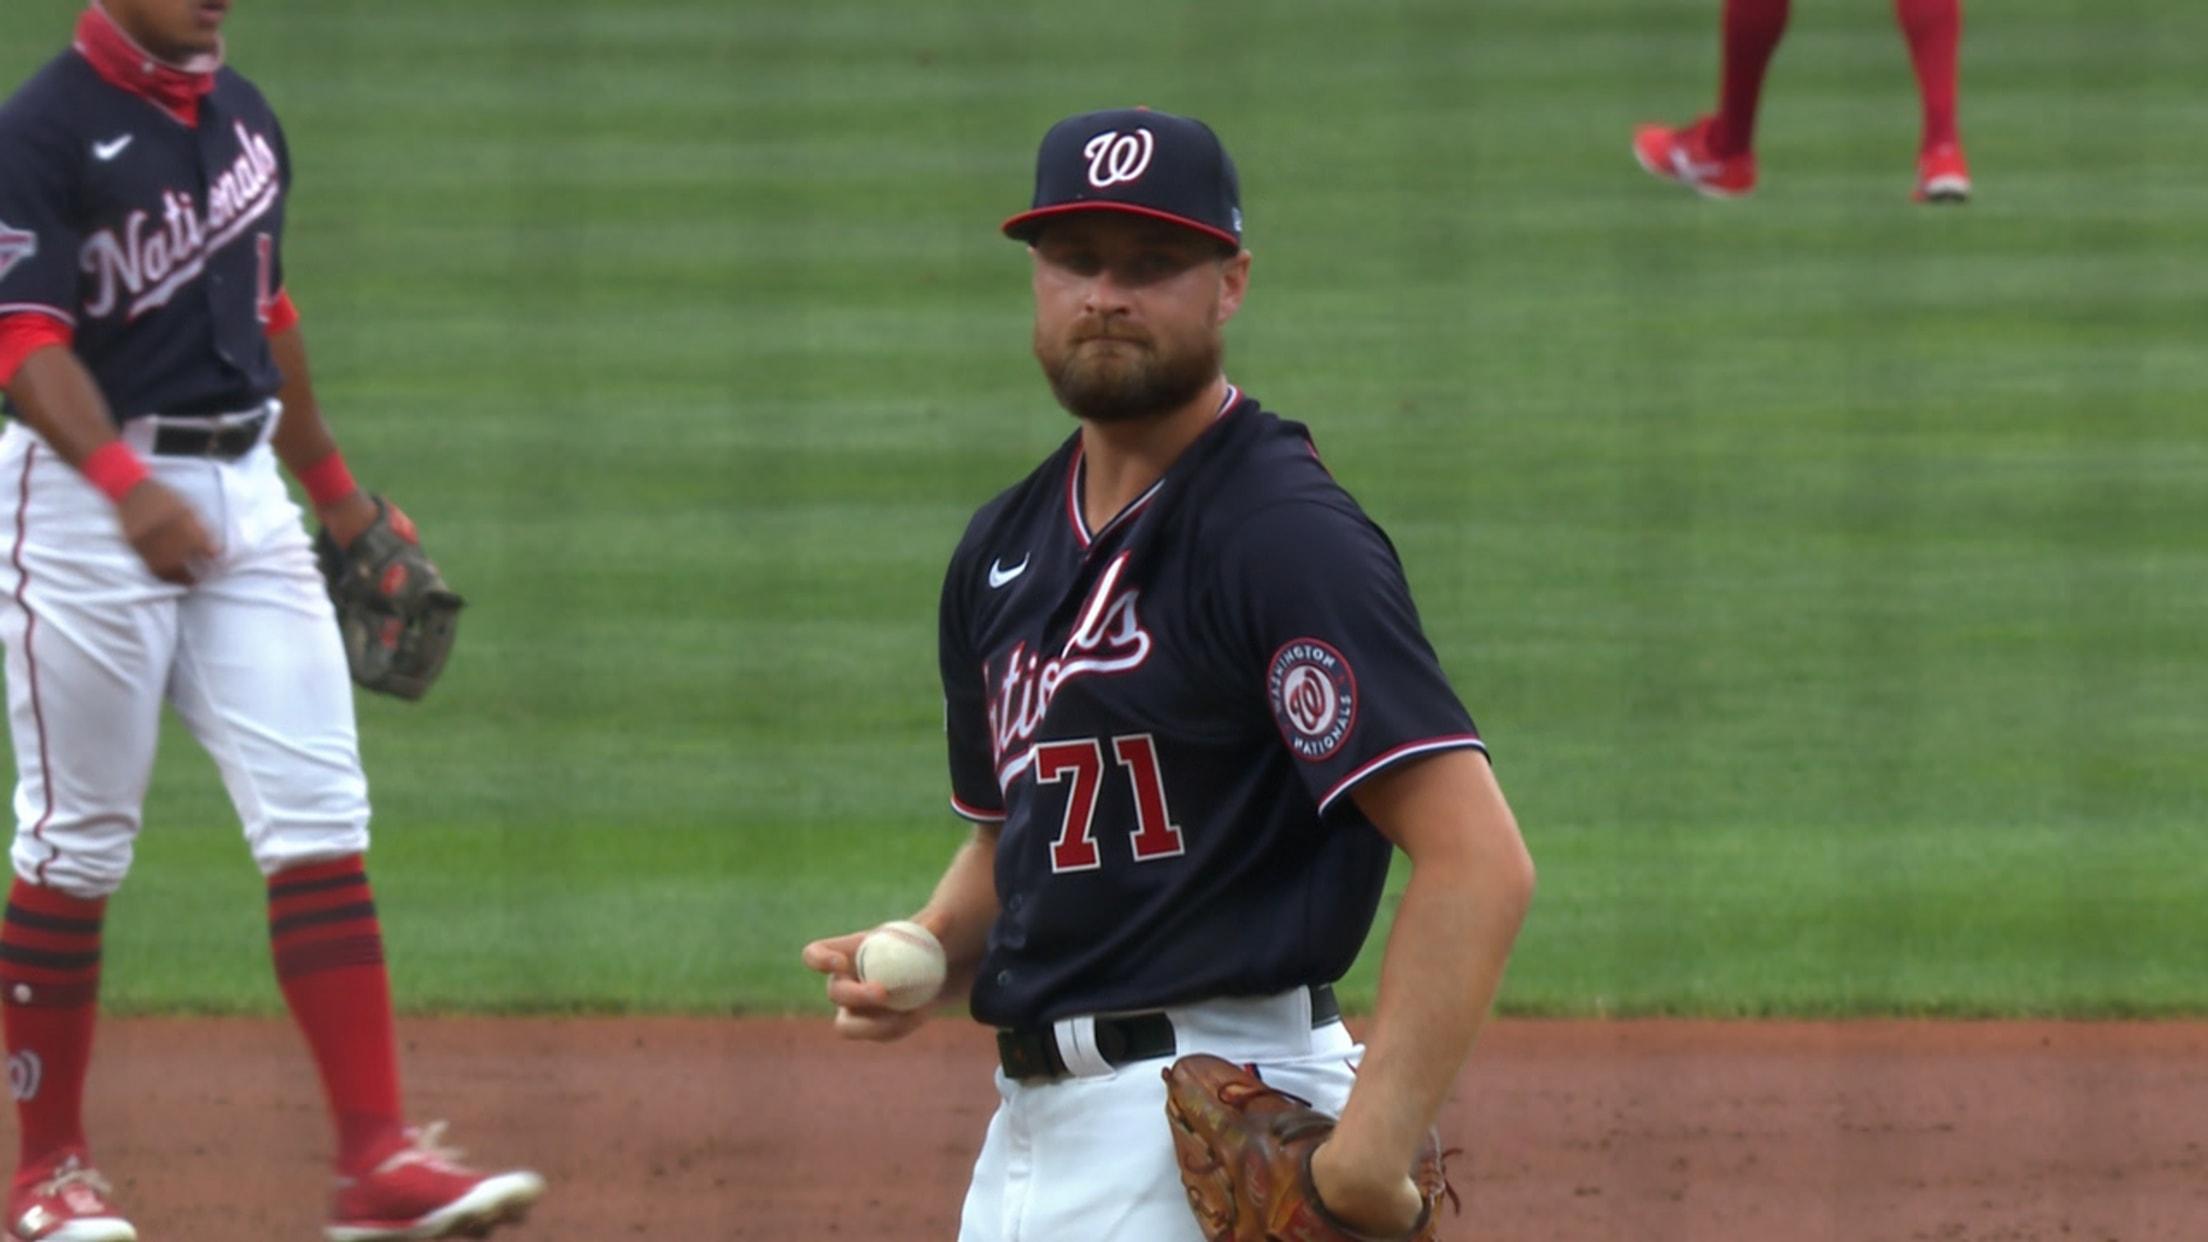 Dakota Bacus' MLB debut